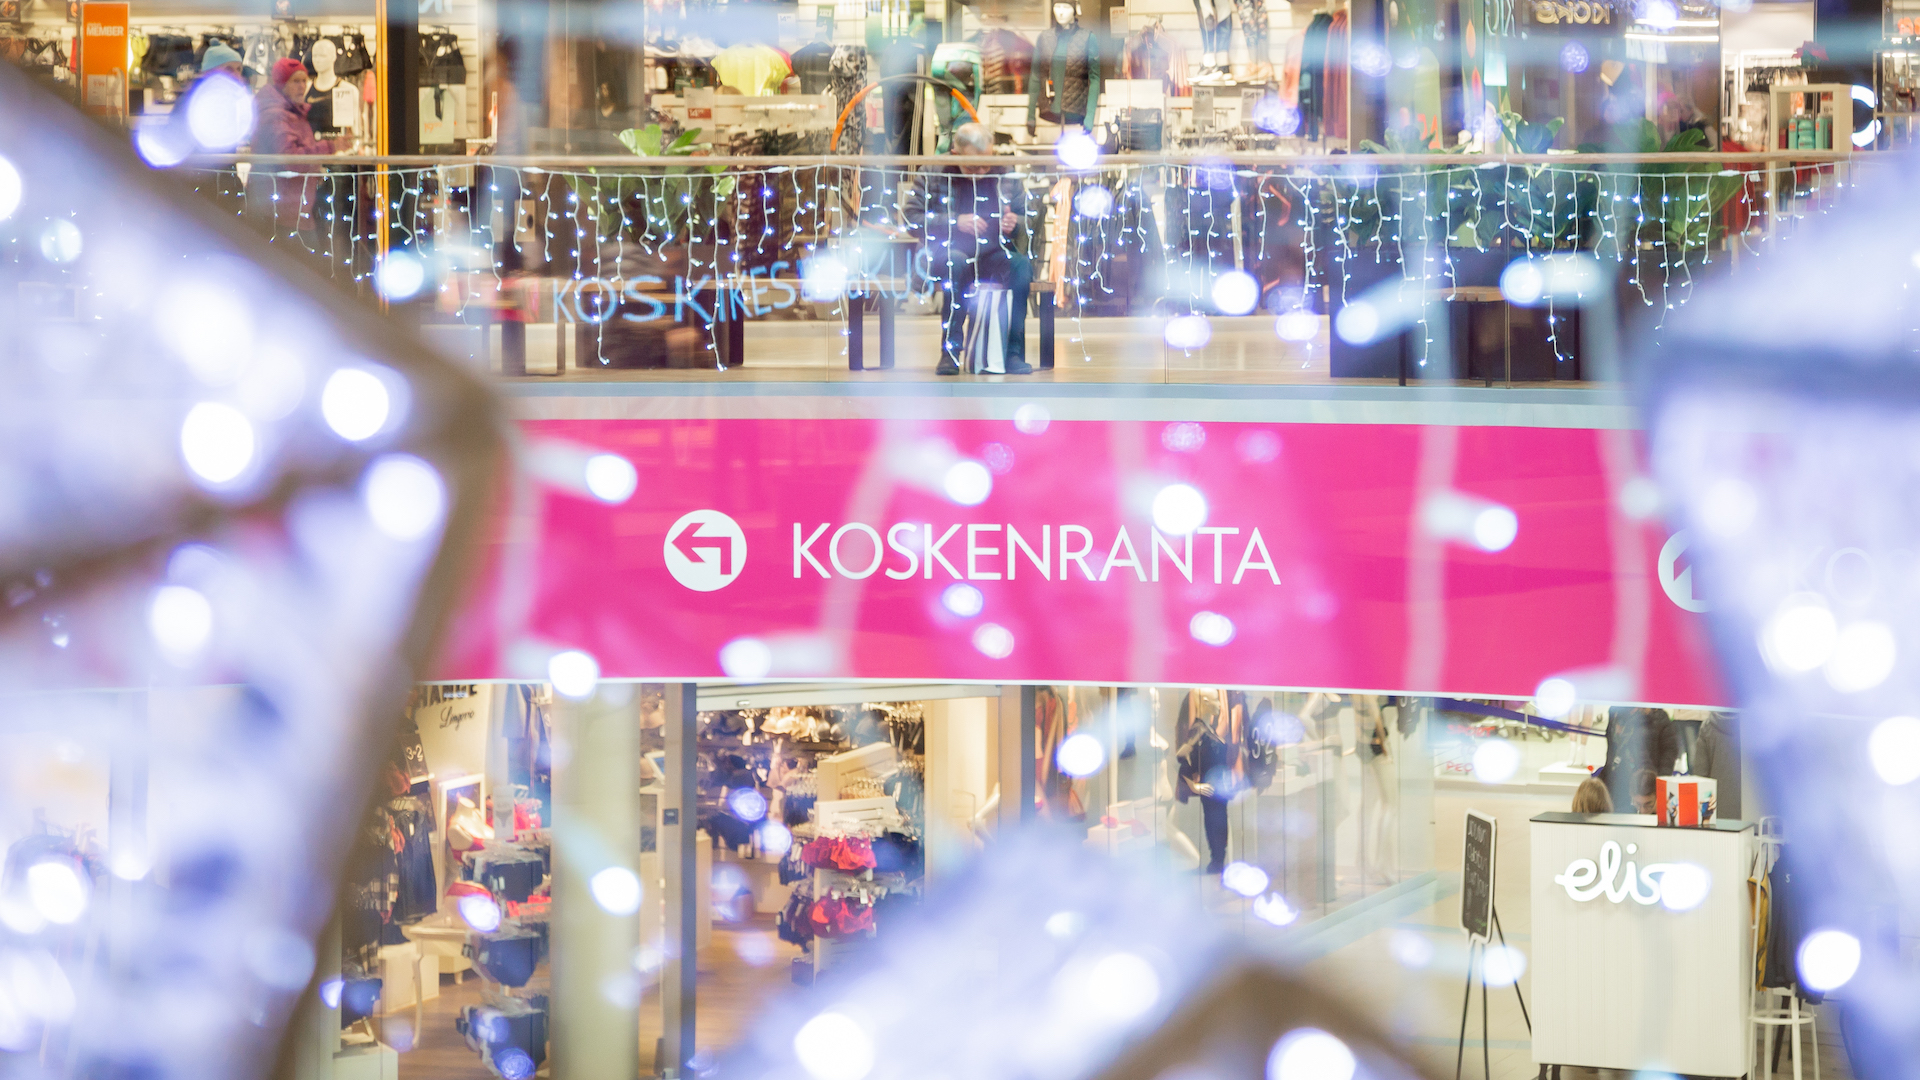 Business Tampere Citycon Koskikeskus